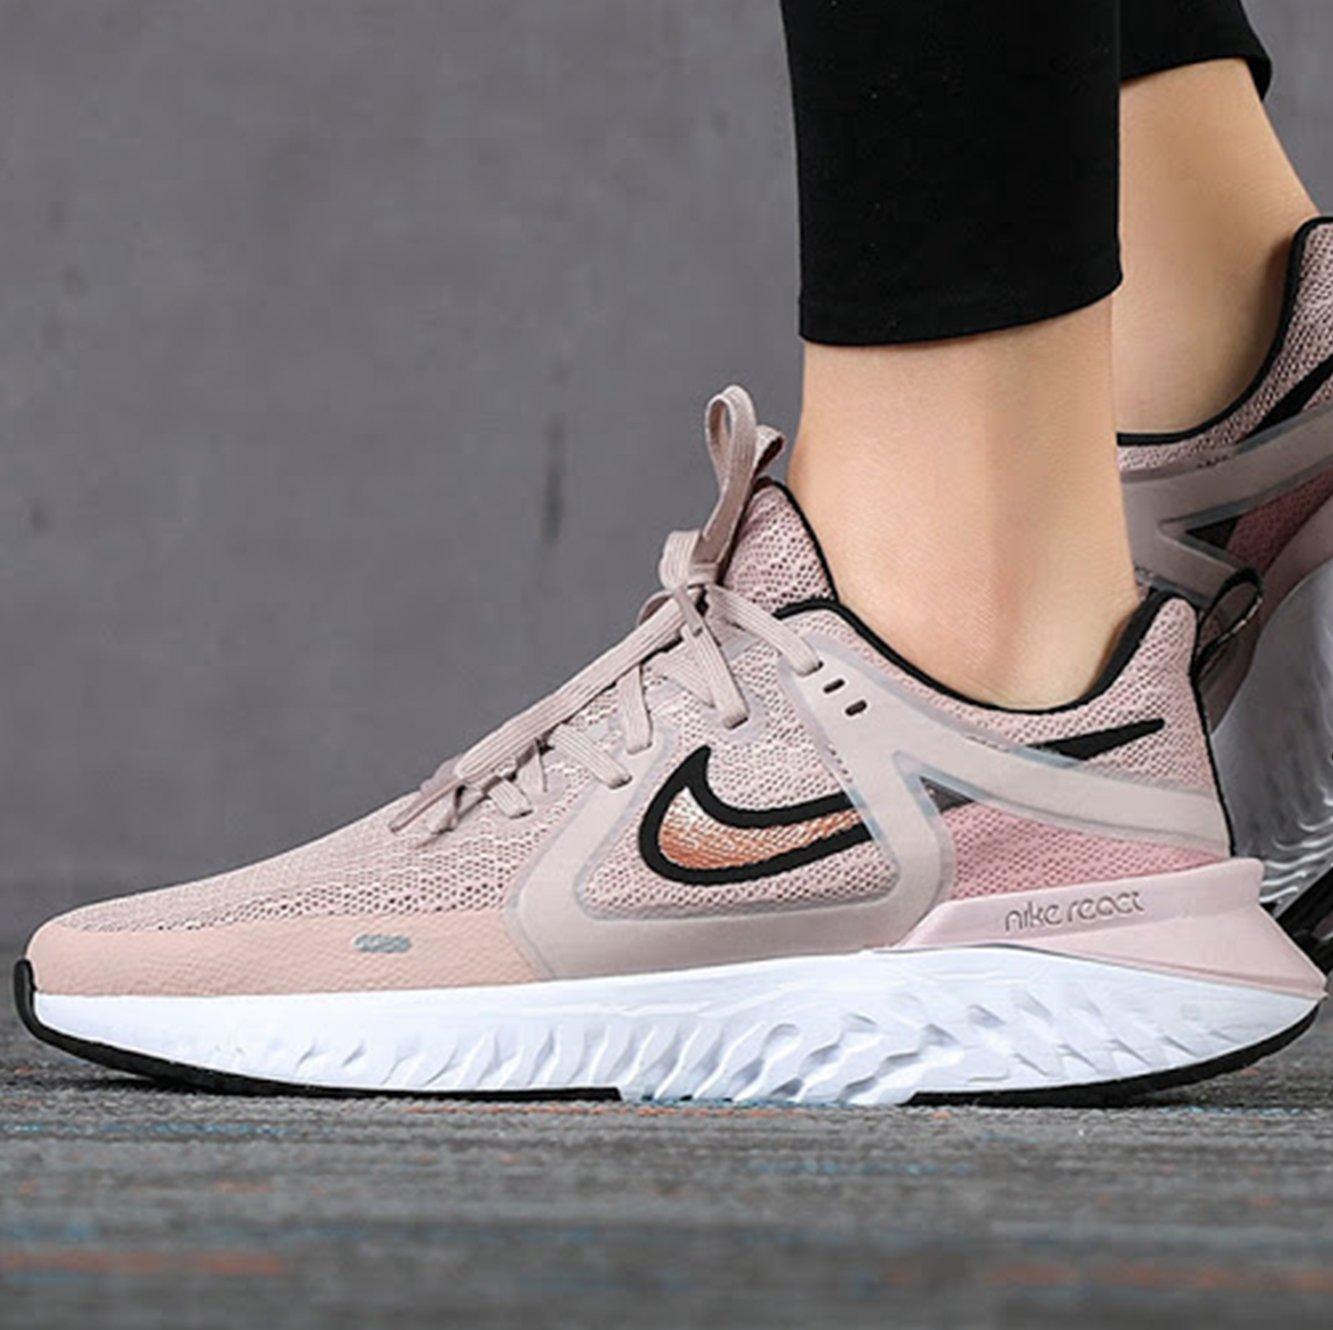 Legend-React-2 +80 Most Inspiring Workout Shoes Ideas for Women